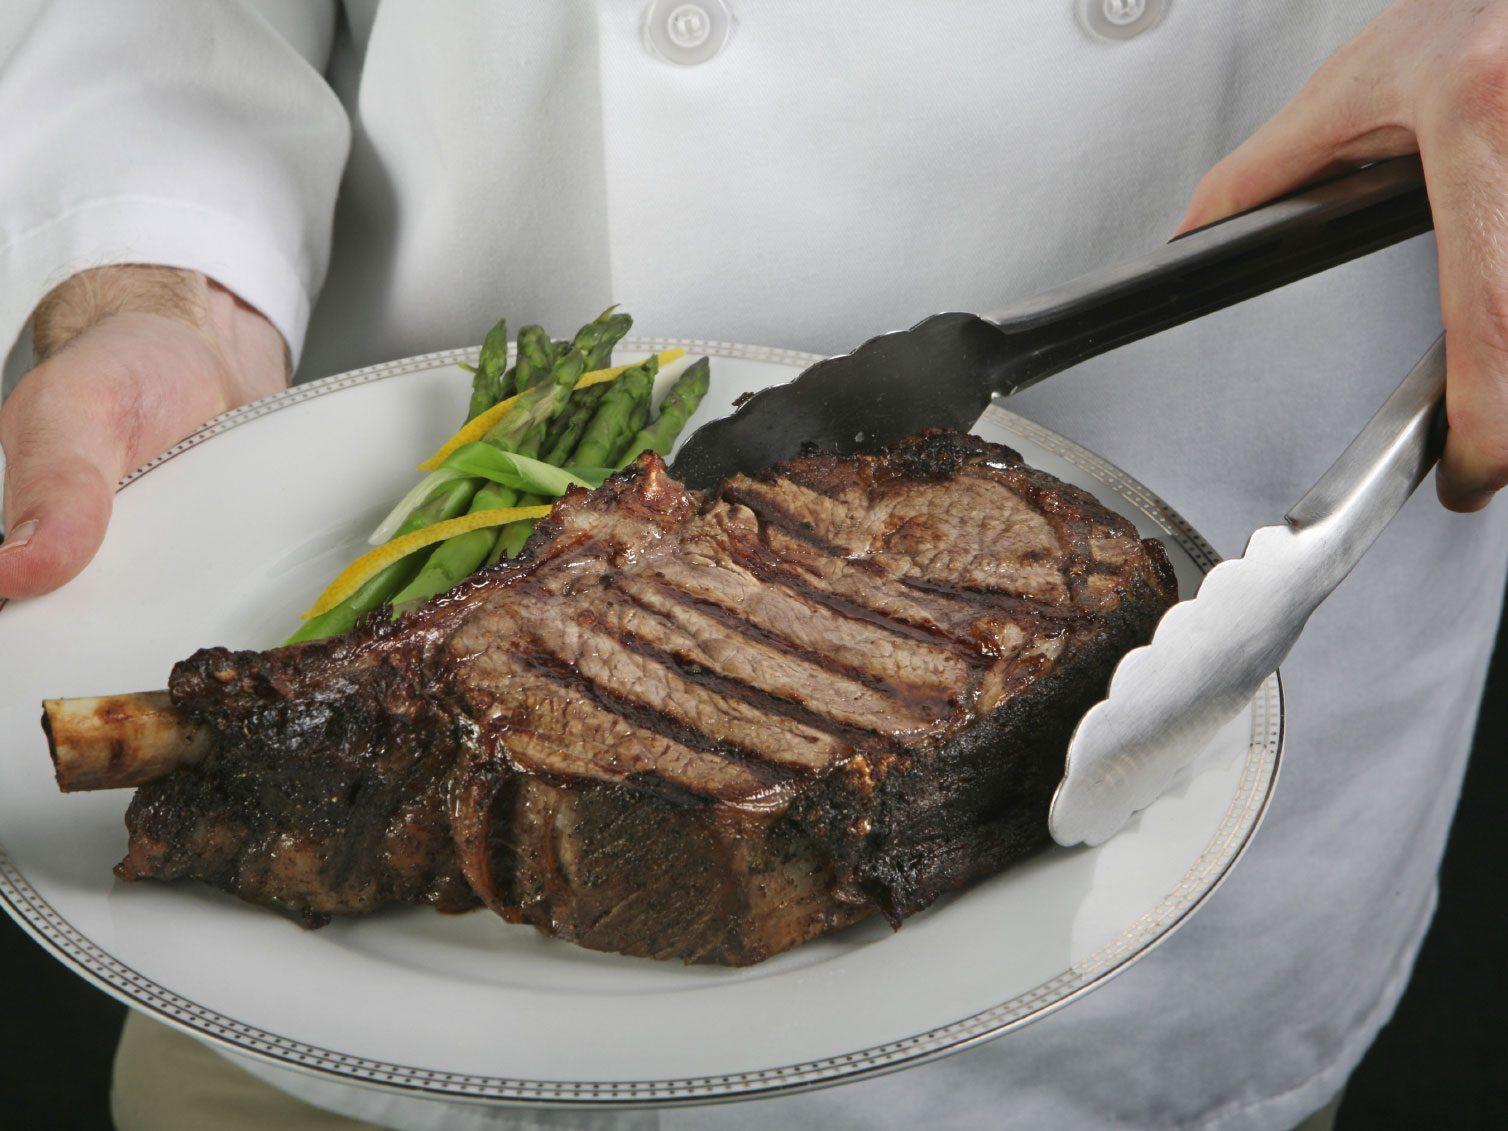 4e secret de cuisson pour un steak réussi: évaluer manuellement votre cuisson